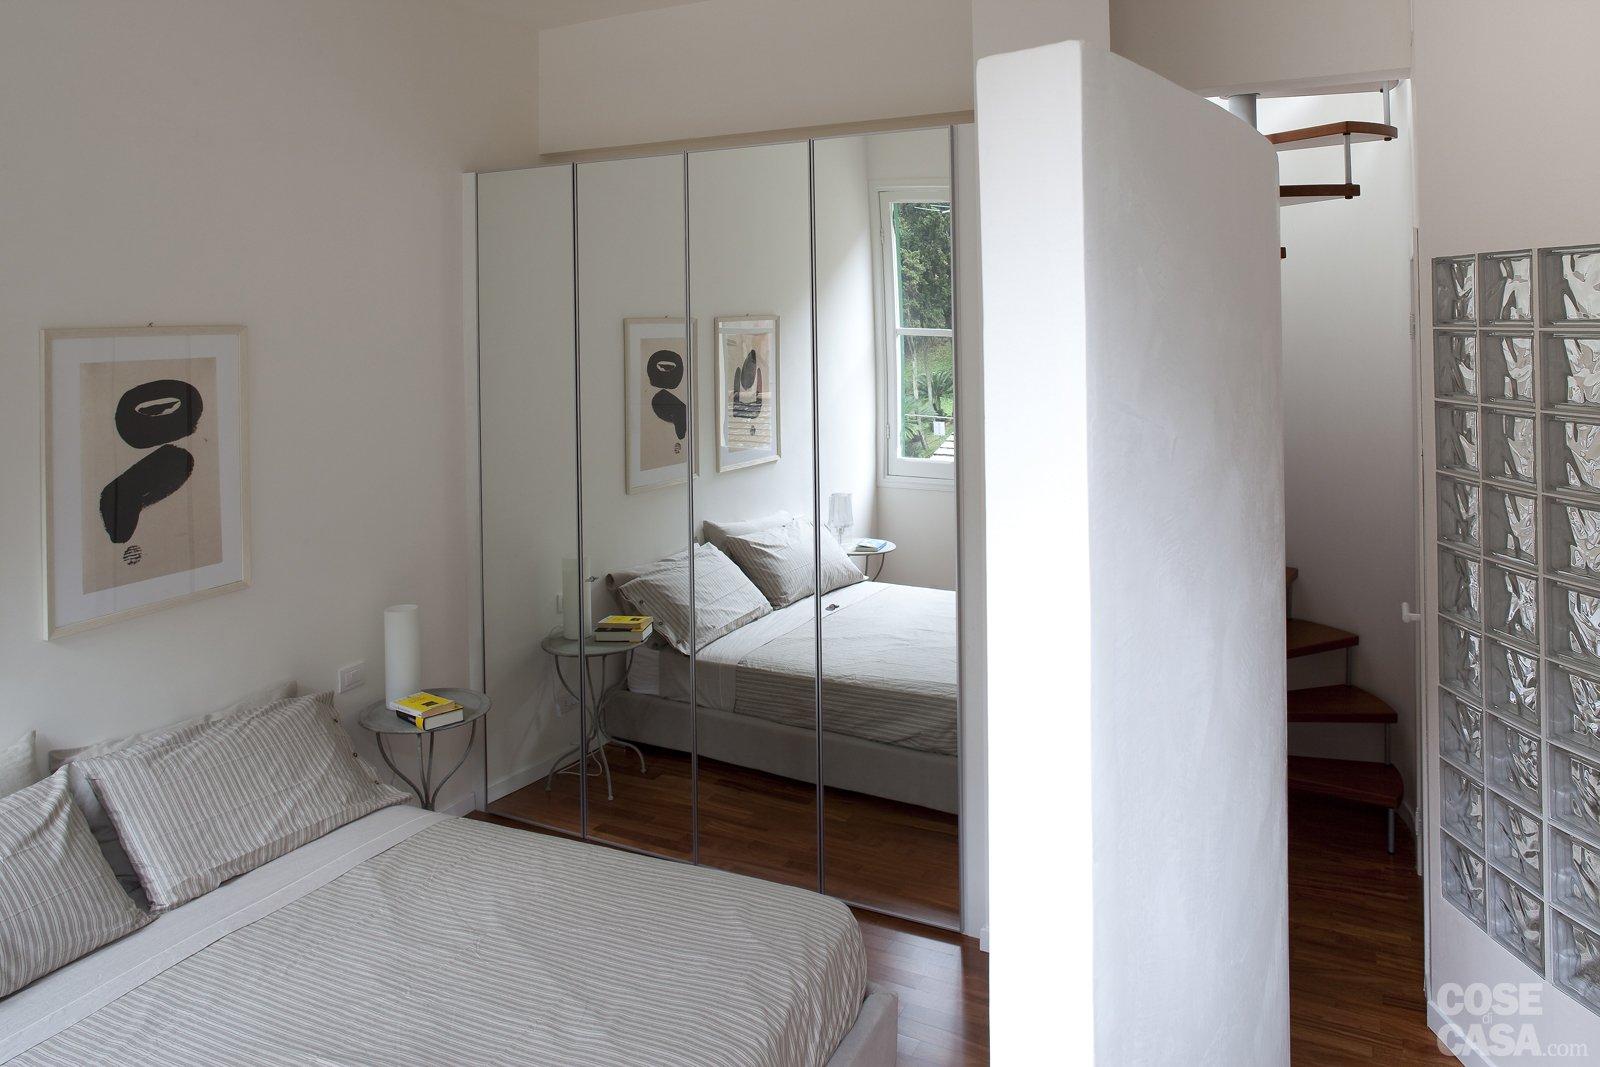 48 mq bilocale su due livelli cose di casa - Piccole camere da letto ...